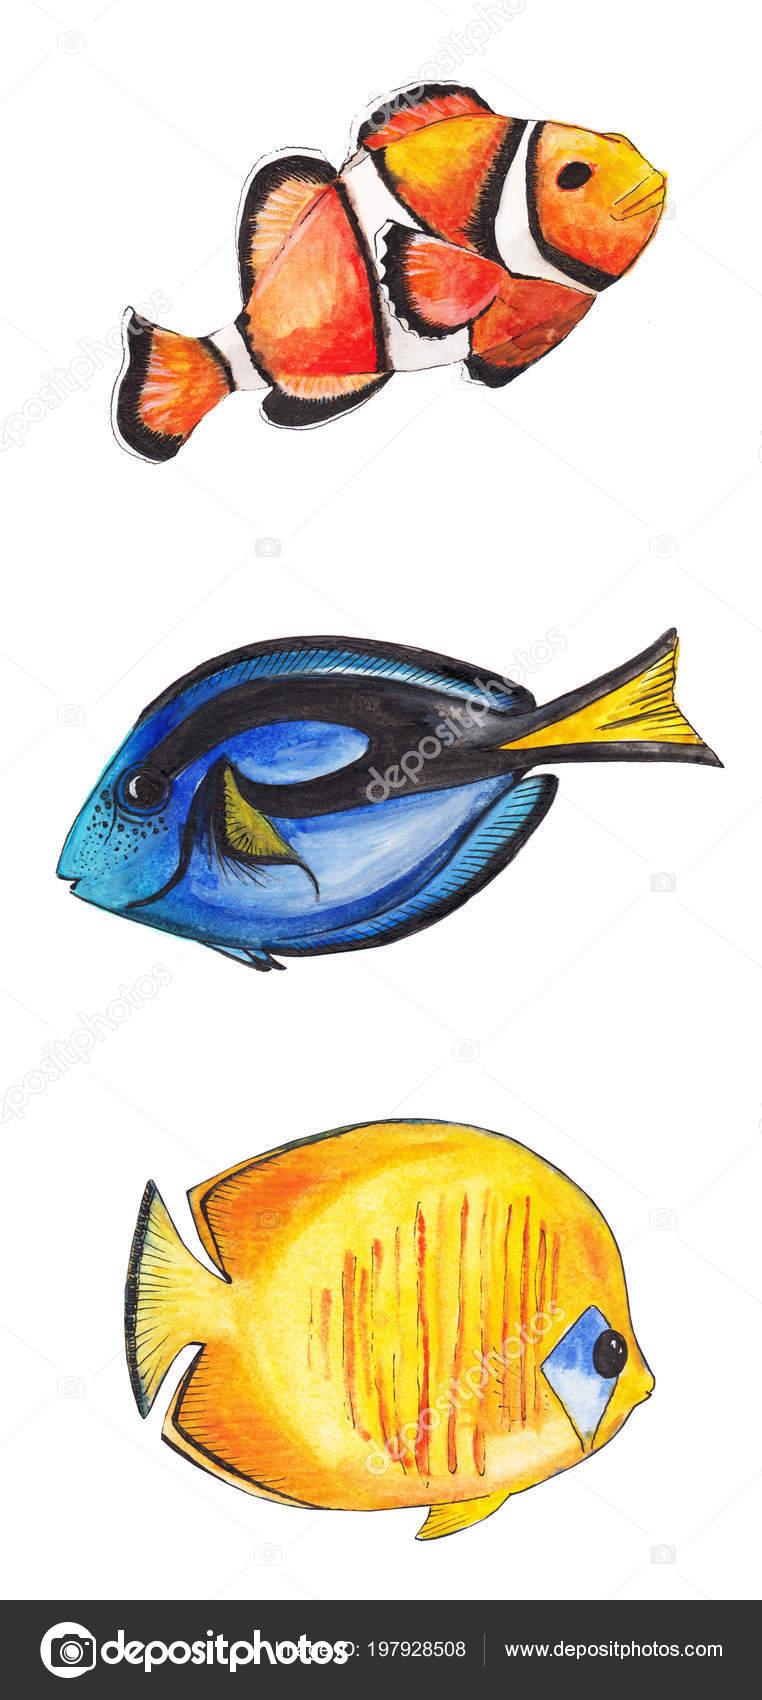 Aquarell Zeichnung Eines Fisches Clown Fisch Und Fisch Chirurg Fisch ...